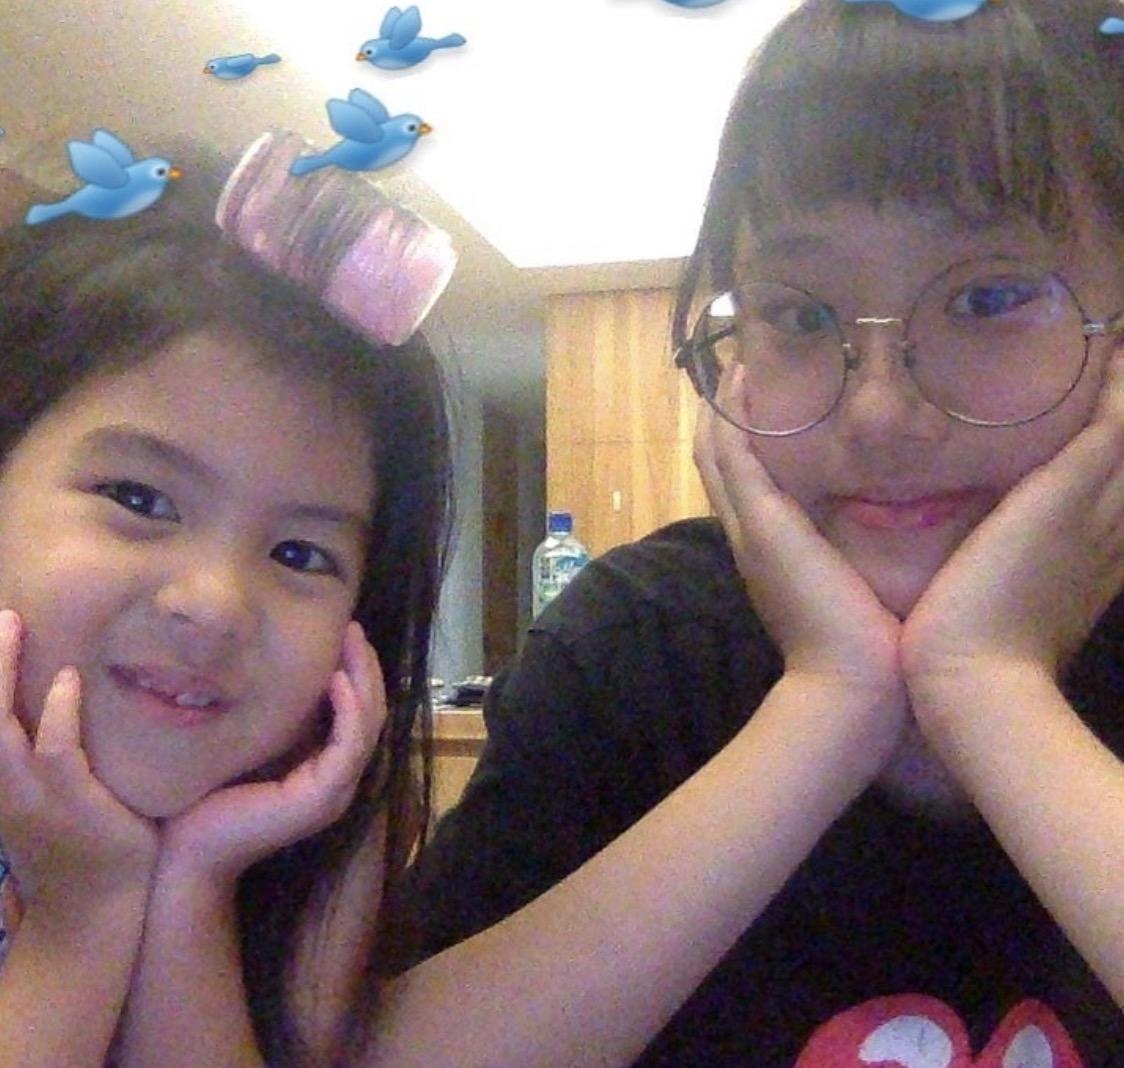 梧桐妹晒与咘咘同框,姐妹俩表情俏皮搞怪,同款双眼皮大眼睛出众